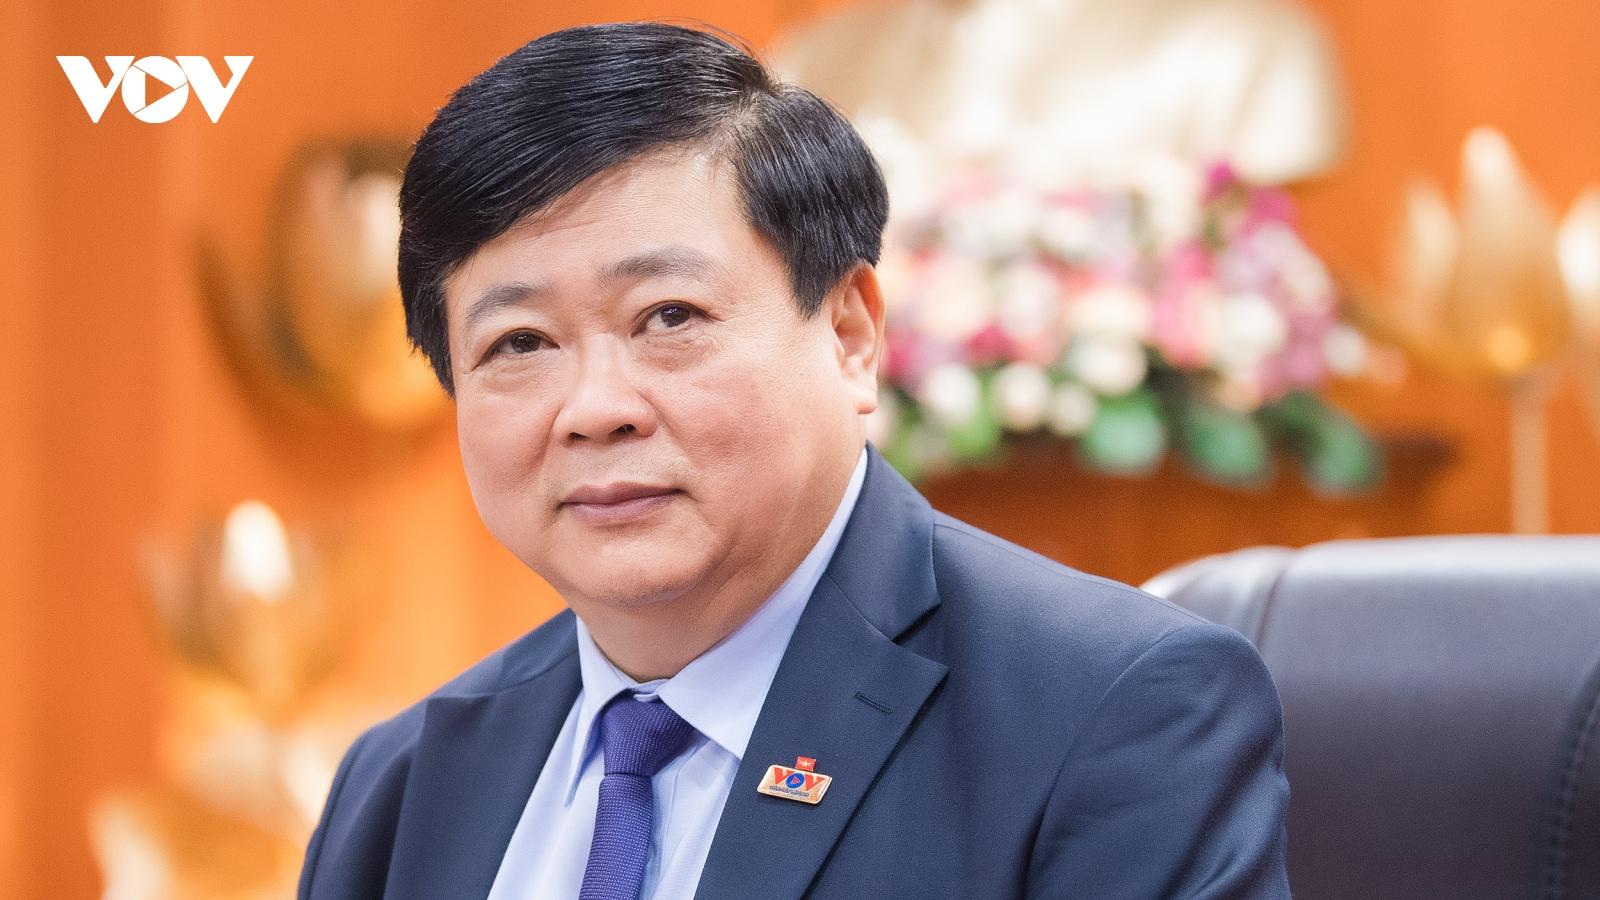 """Nhà thơ Nguyễn Thế Kỷ: """"Nhiều khi người ta sống chết, hi sinh vì một nếp nhà rất bình dị"""""""